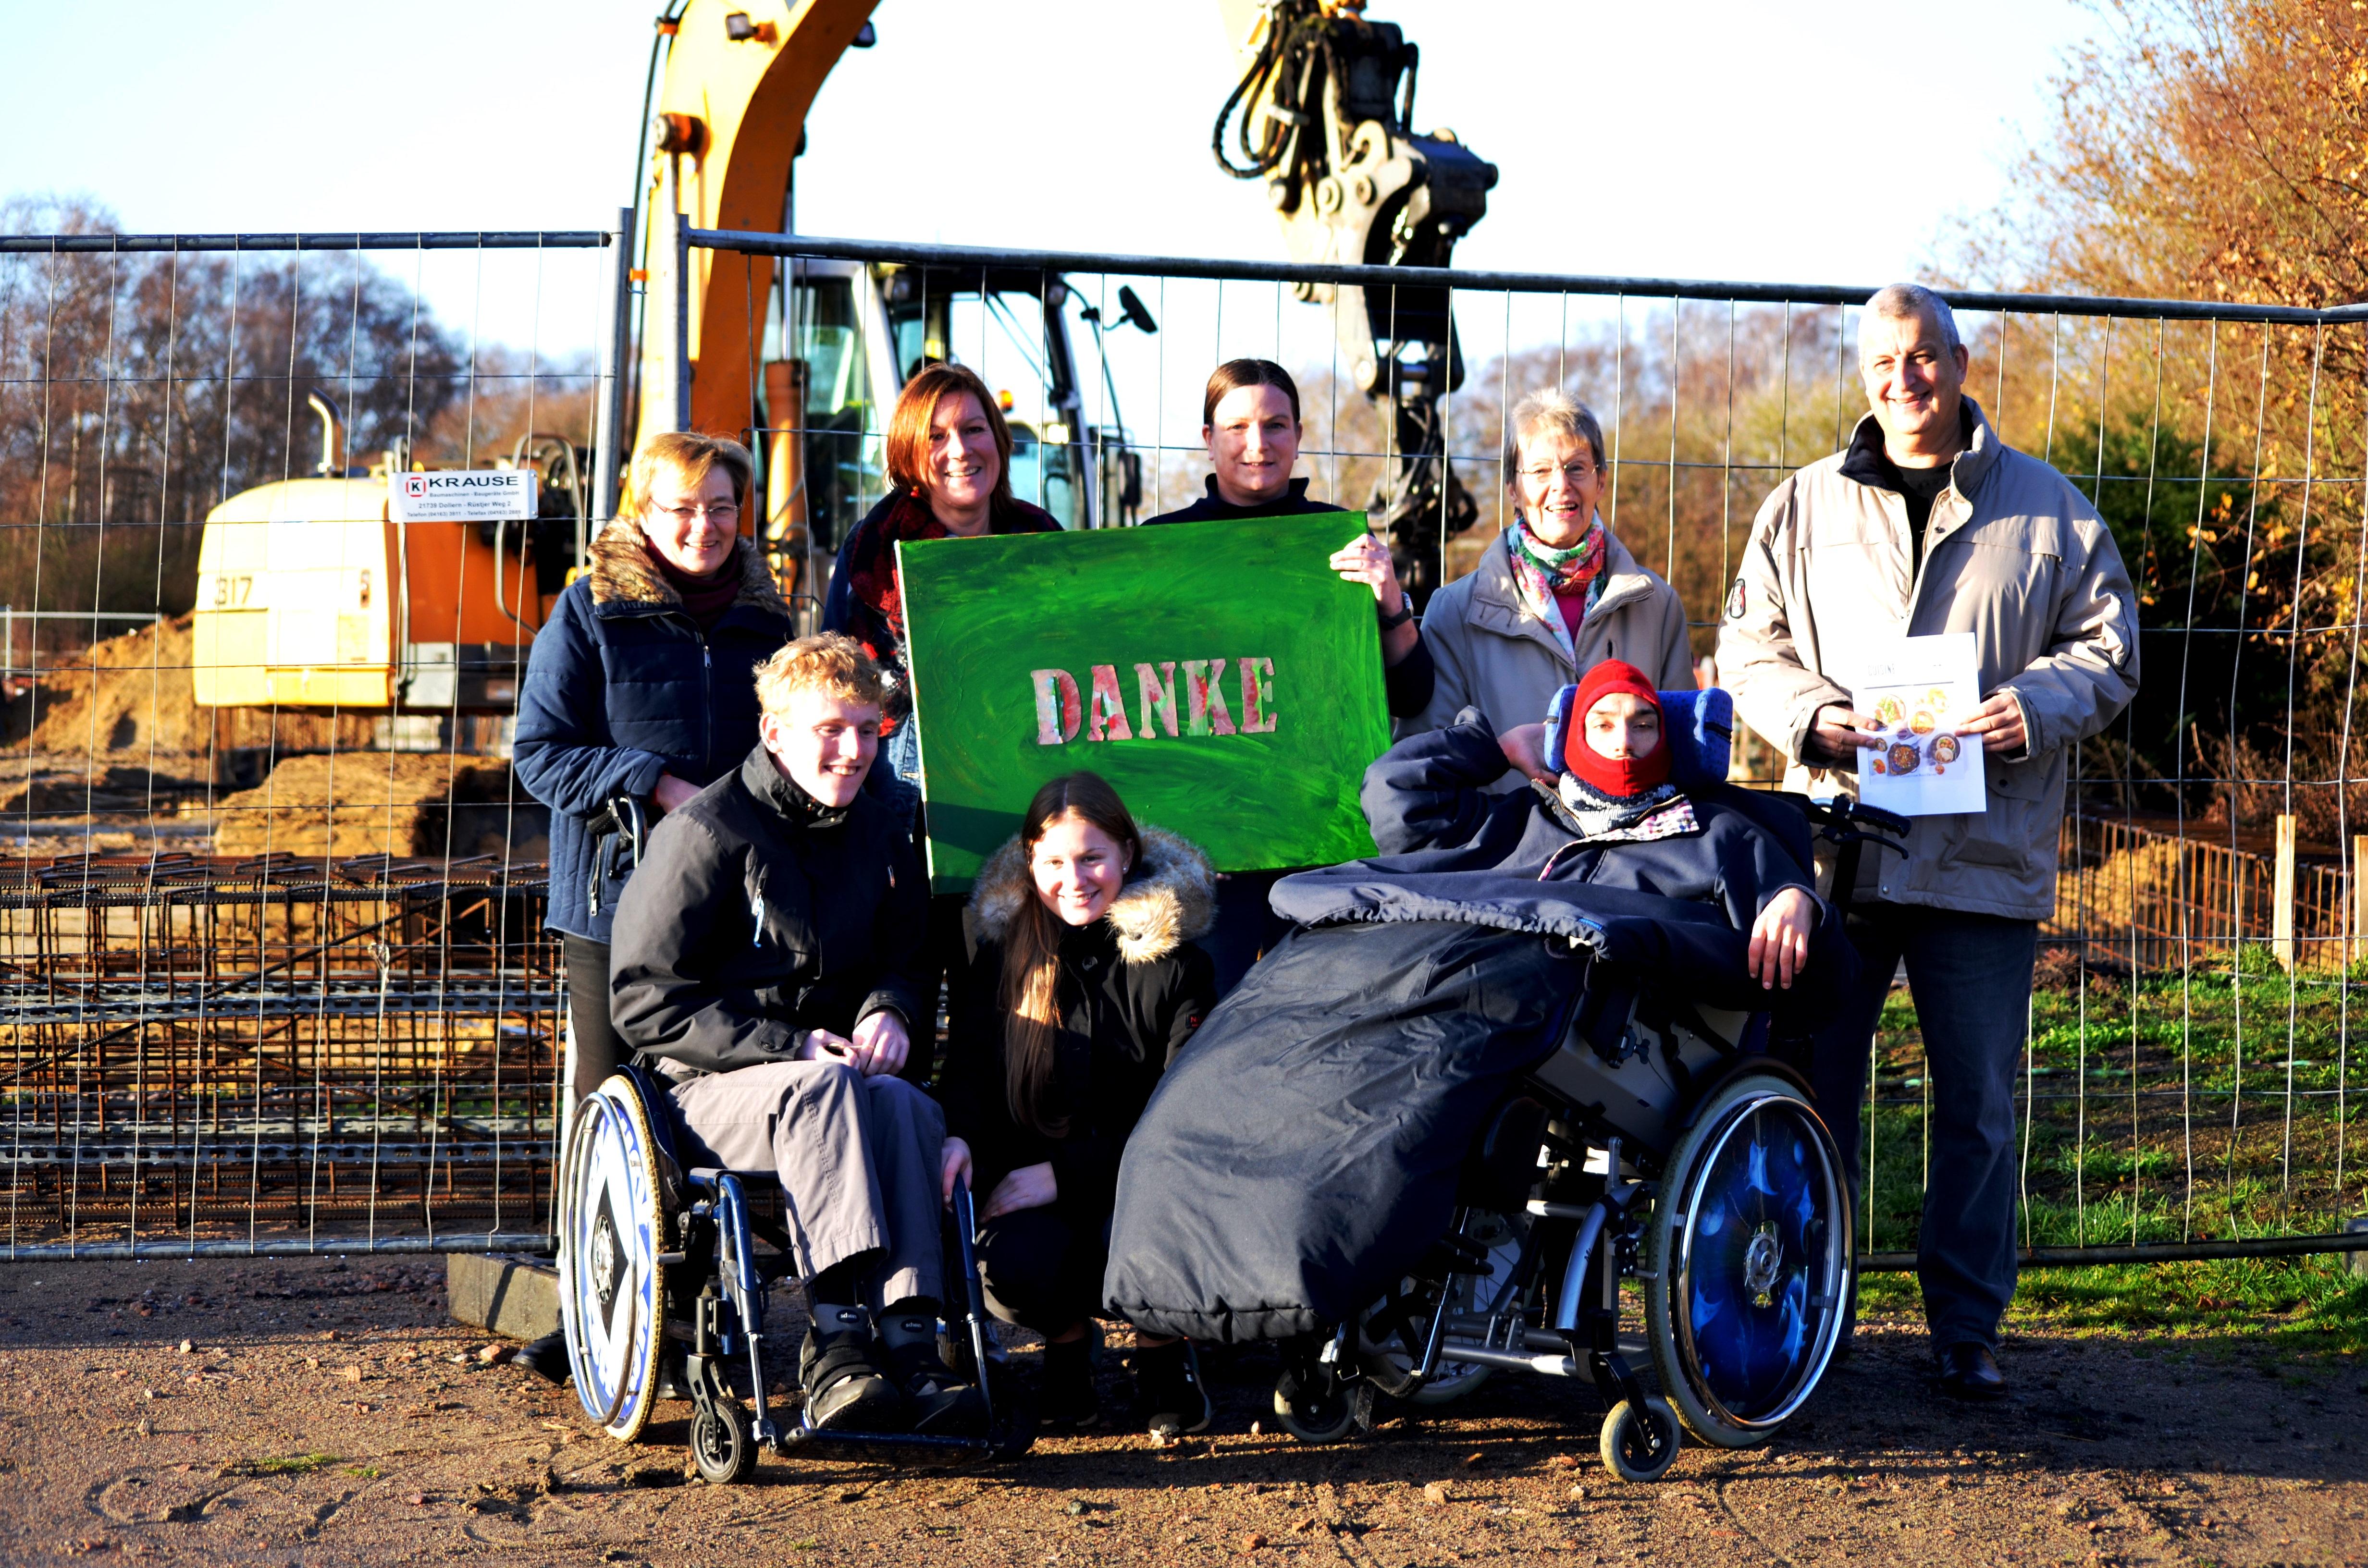 LeA -Mitarbeiterinnen und Bewohner von LeA bedanken sich bei Helga Liedtke (hinten links) und Andreas Liedtke (hinten rechts) sowie der Nachbarin Renate Röttmer (hinten 2. von rechts).